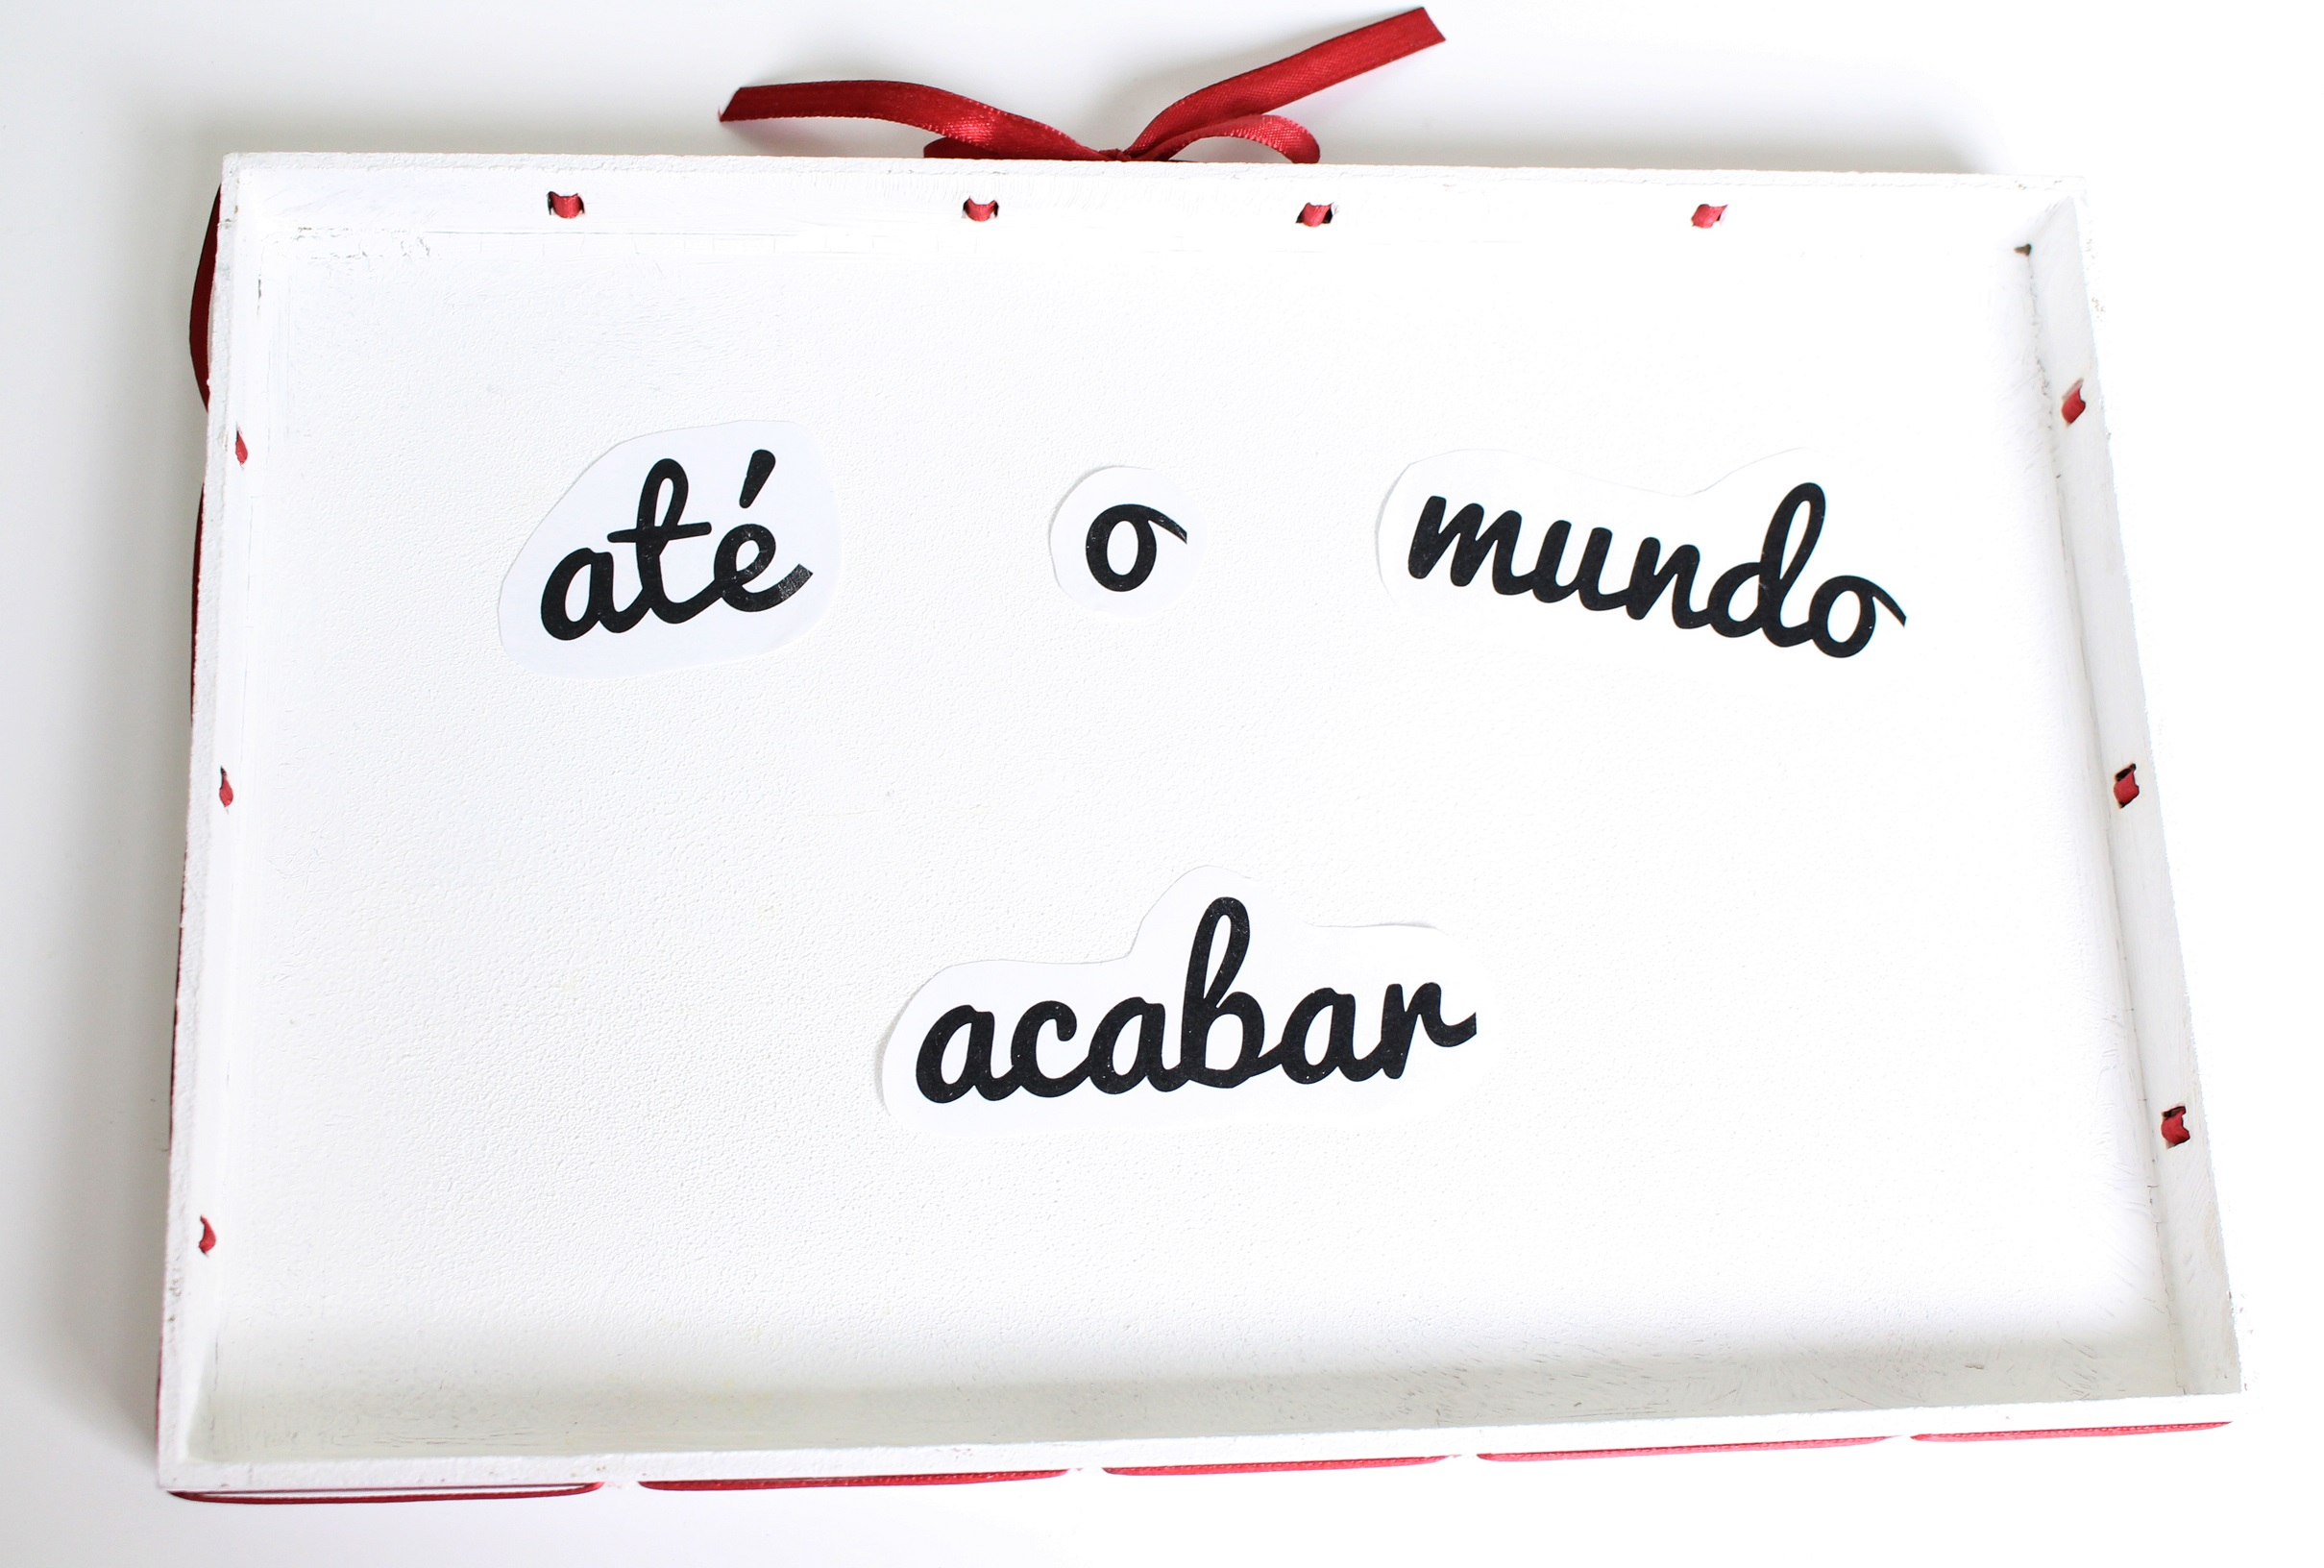 Te Amarei De Janeiro A Janeiro Até O Mundo Acabar: Desafio 3 – DIY (Caixa/Porta Retrato Com